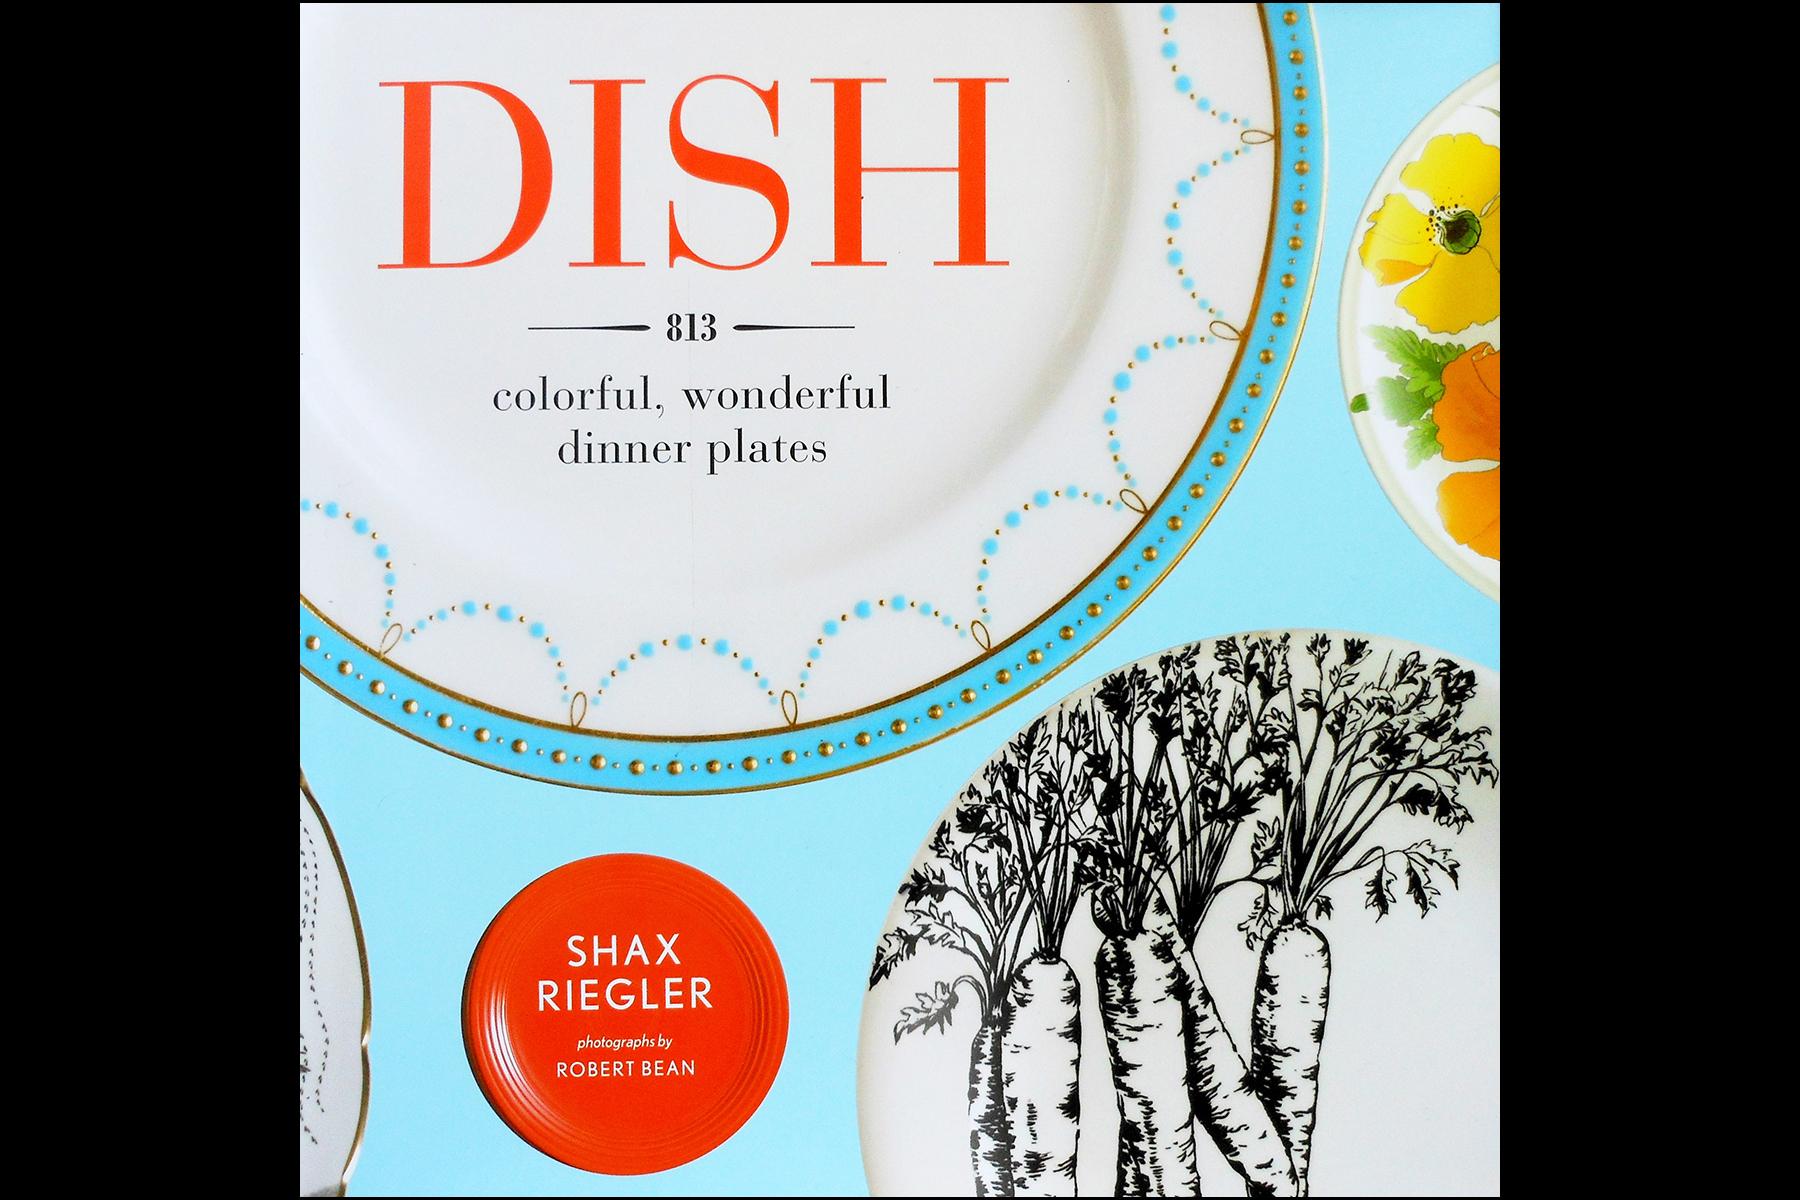 The Dish